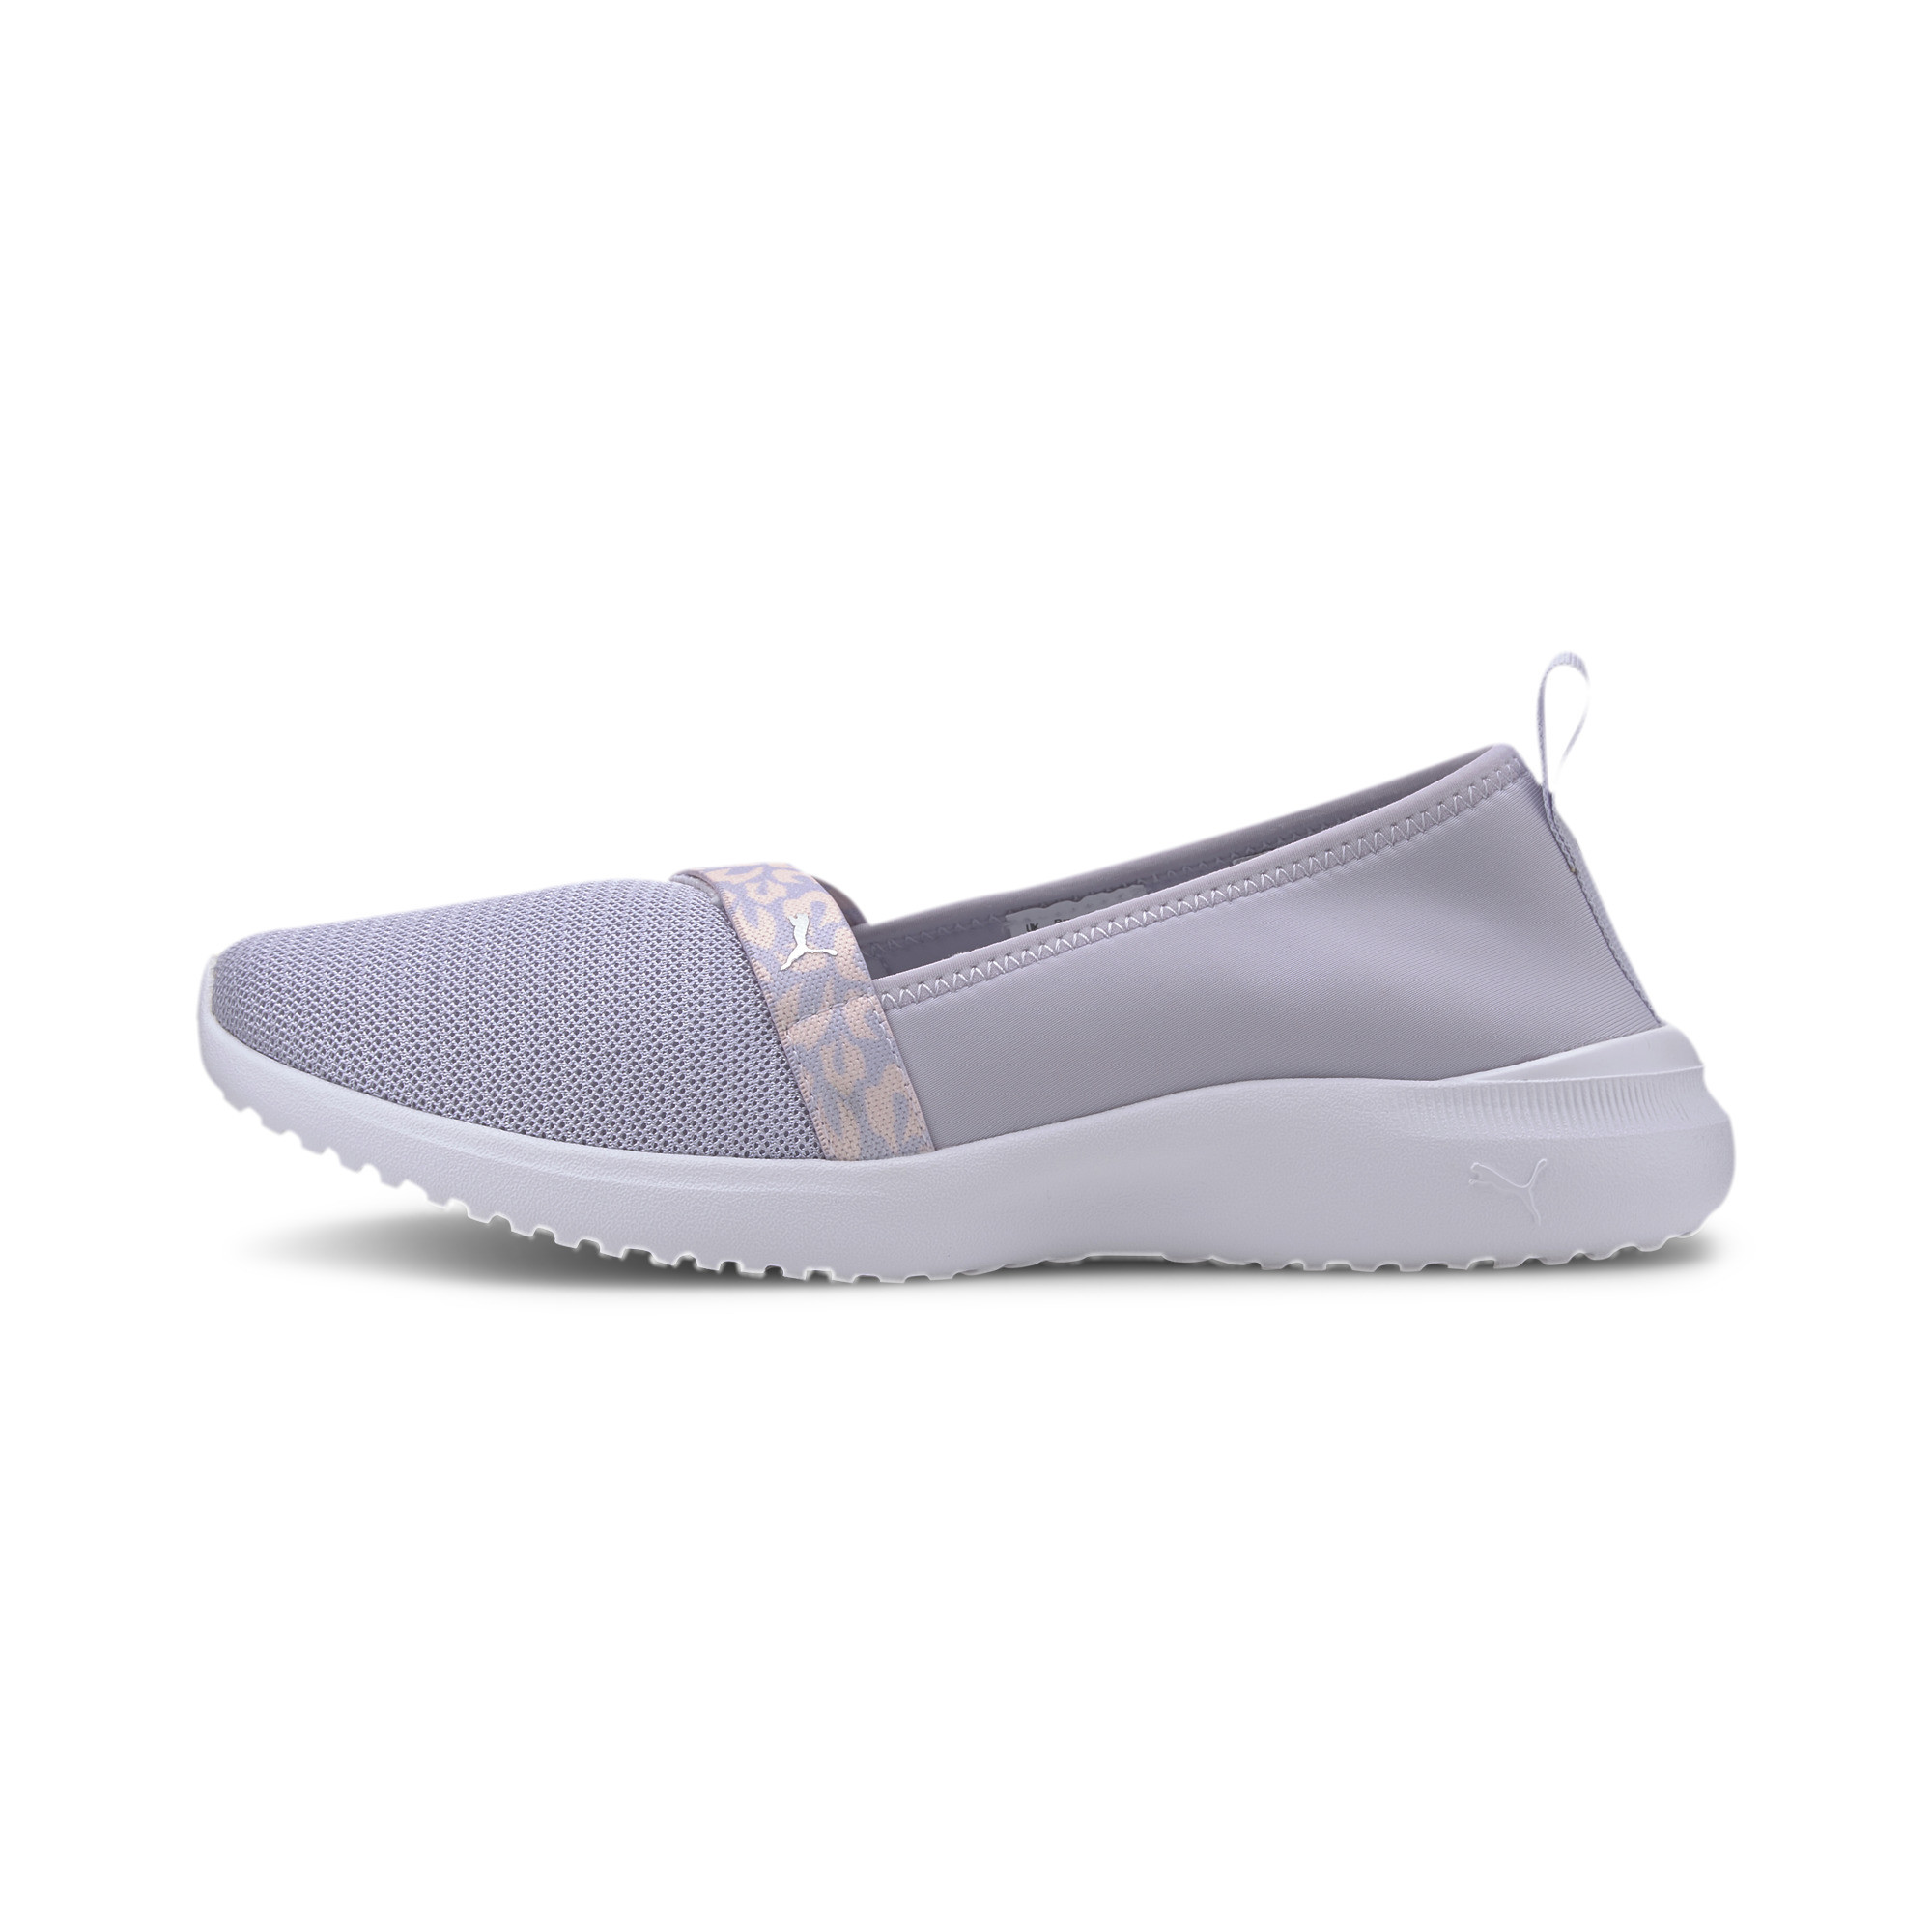 PUMA-Women-039-s-Adelina-Blossom-Ballet-Shoes thumbnail 17